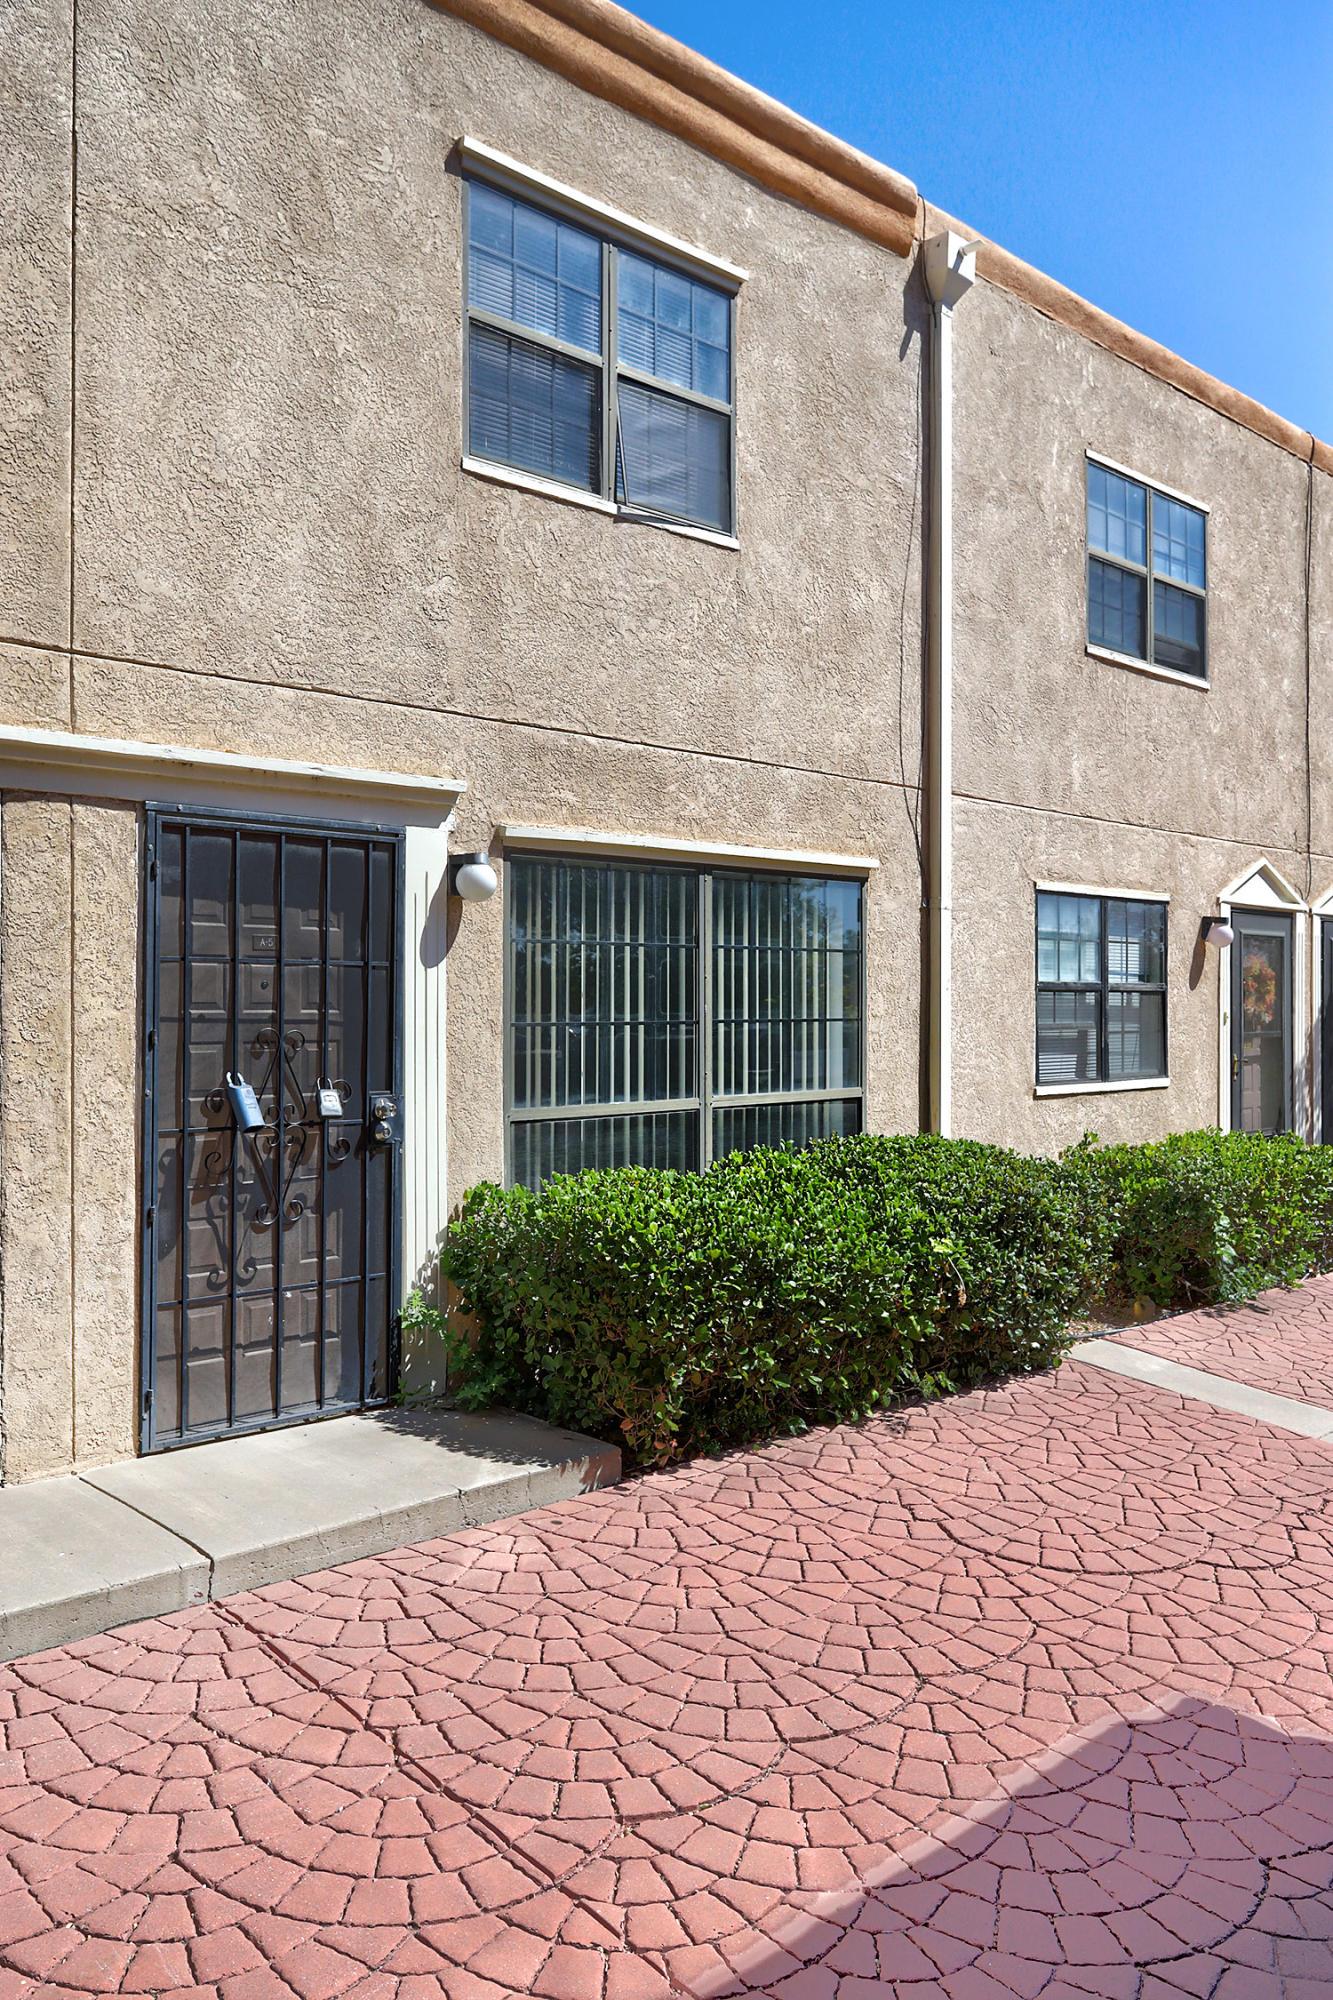 Casa Ladera Real Estate Listings Main Image